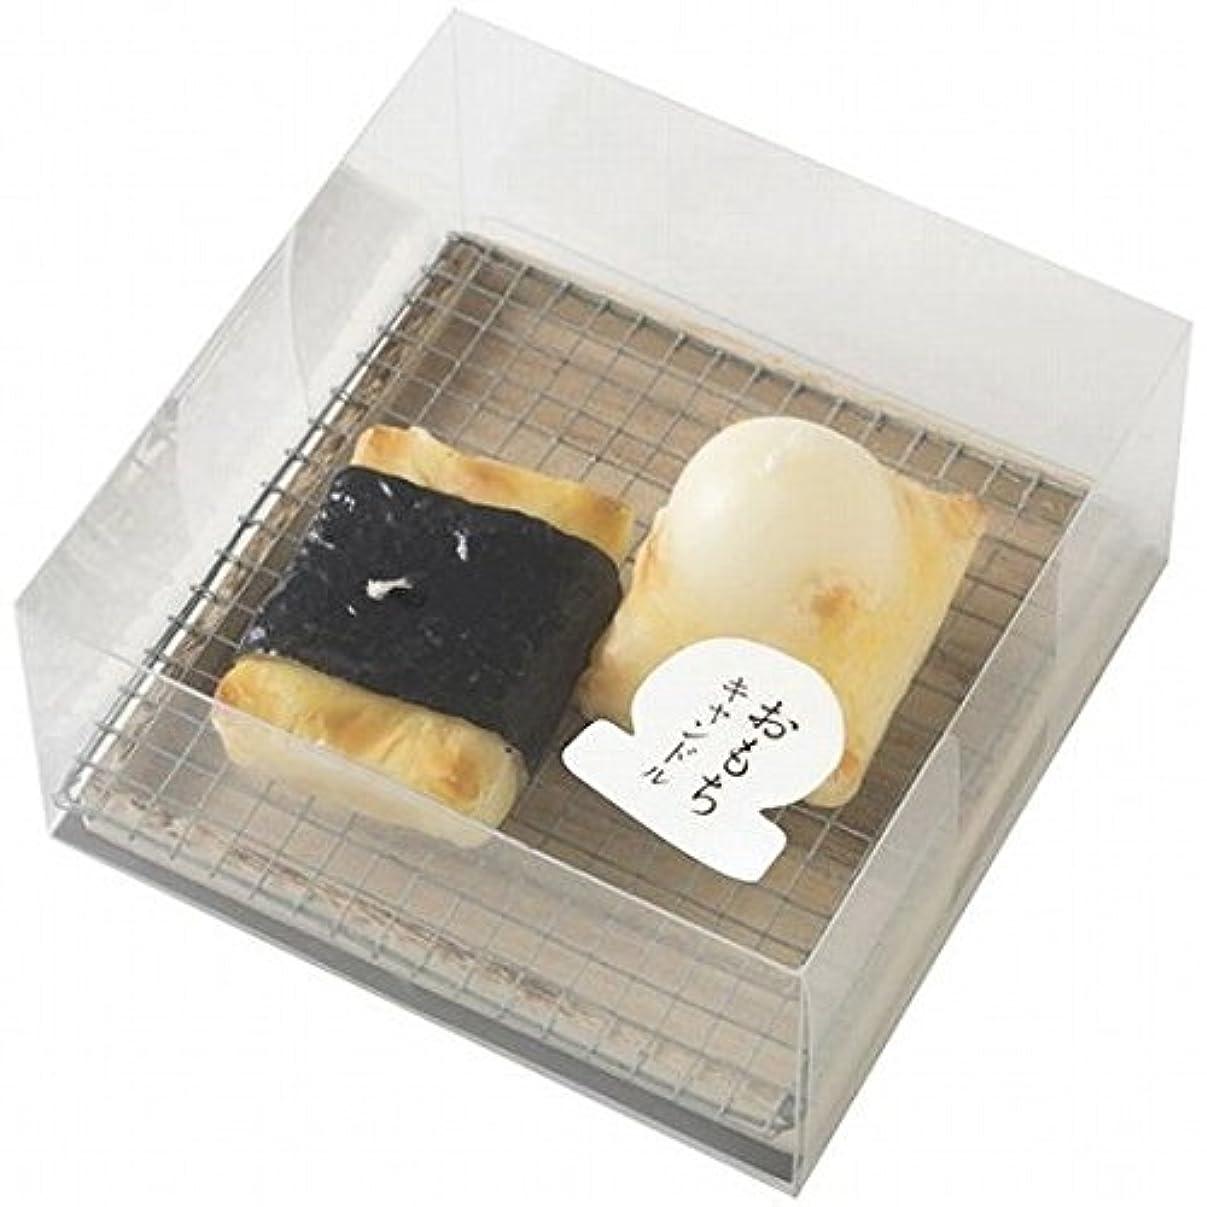 アナリストワードローブ写真を描くkameyama candle(カメヤマキャンドル) おもちキャンドル(86930000)